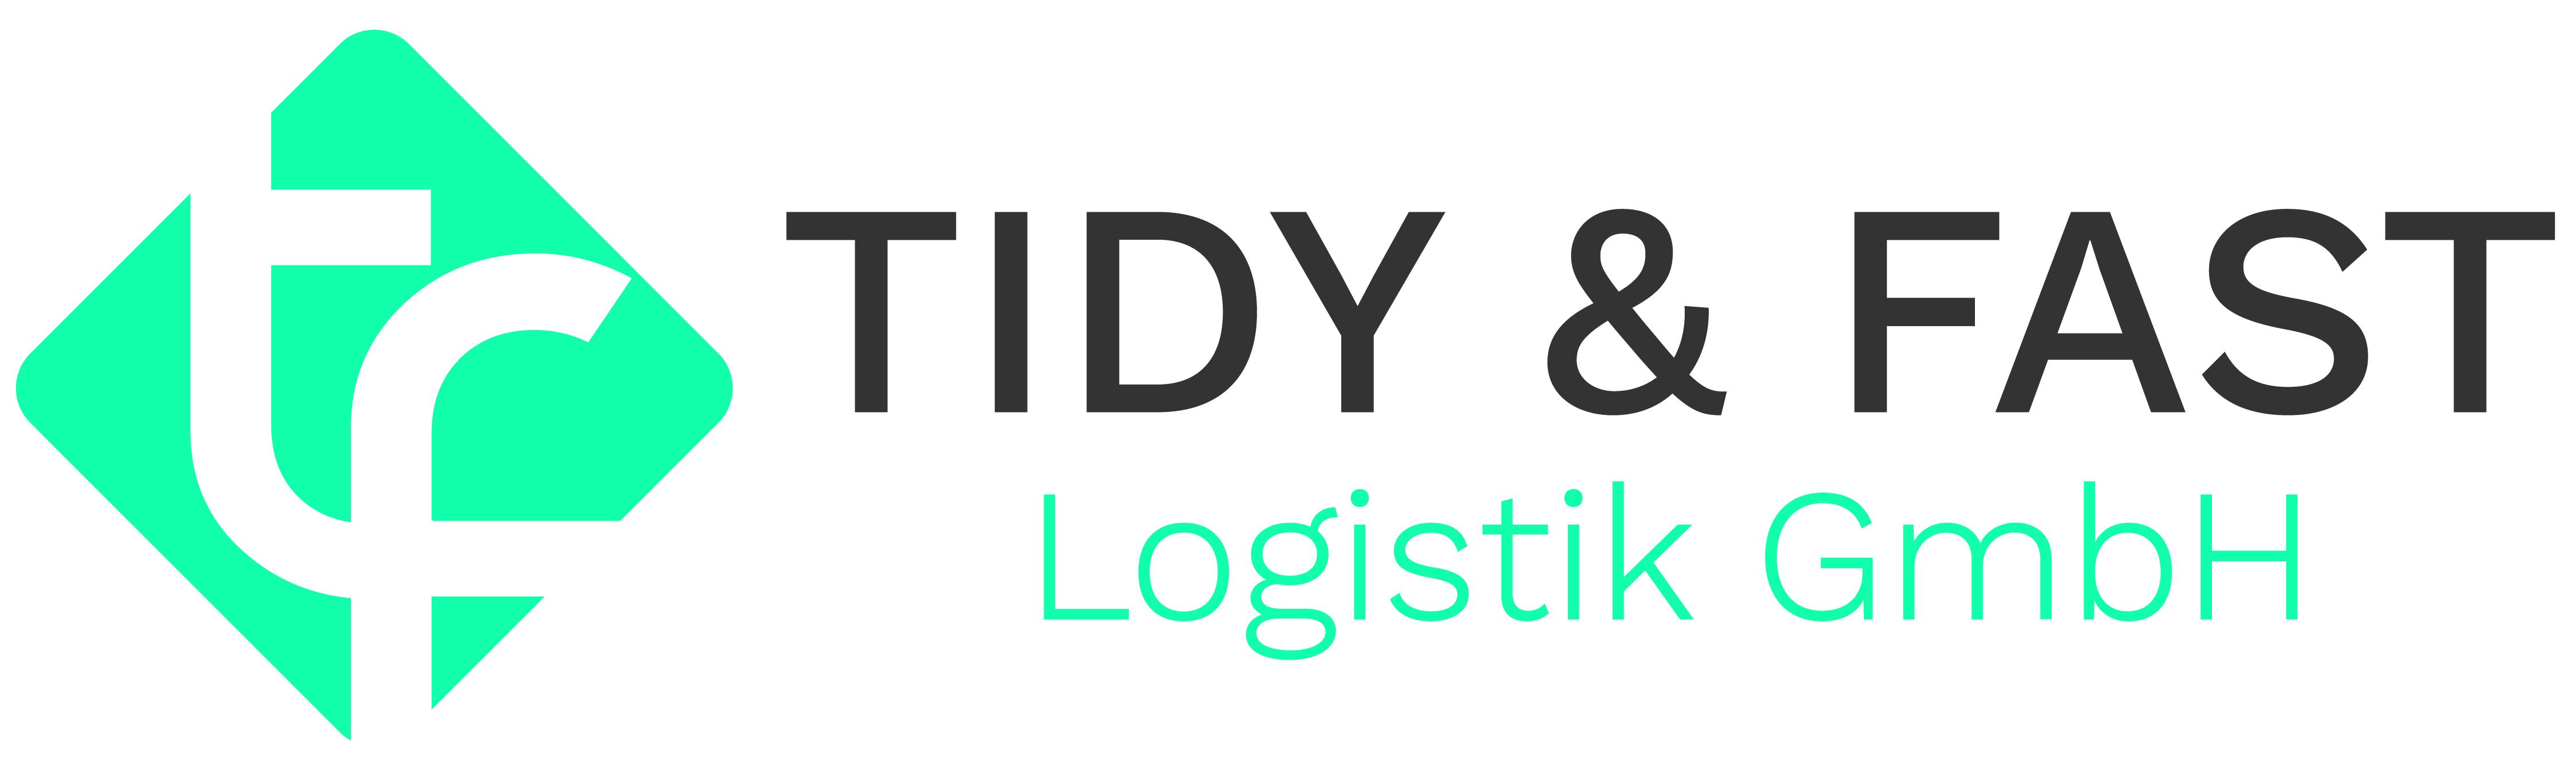 TIDY & FAST Logistik GmbH